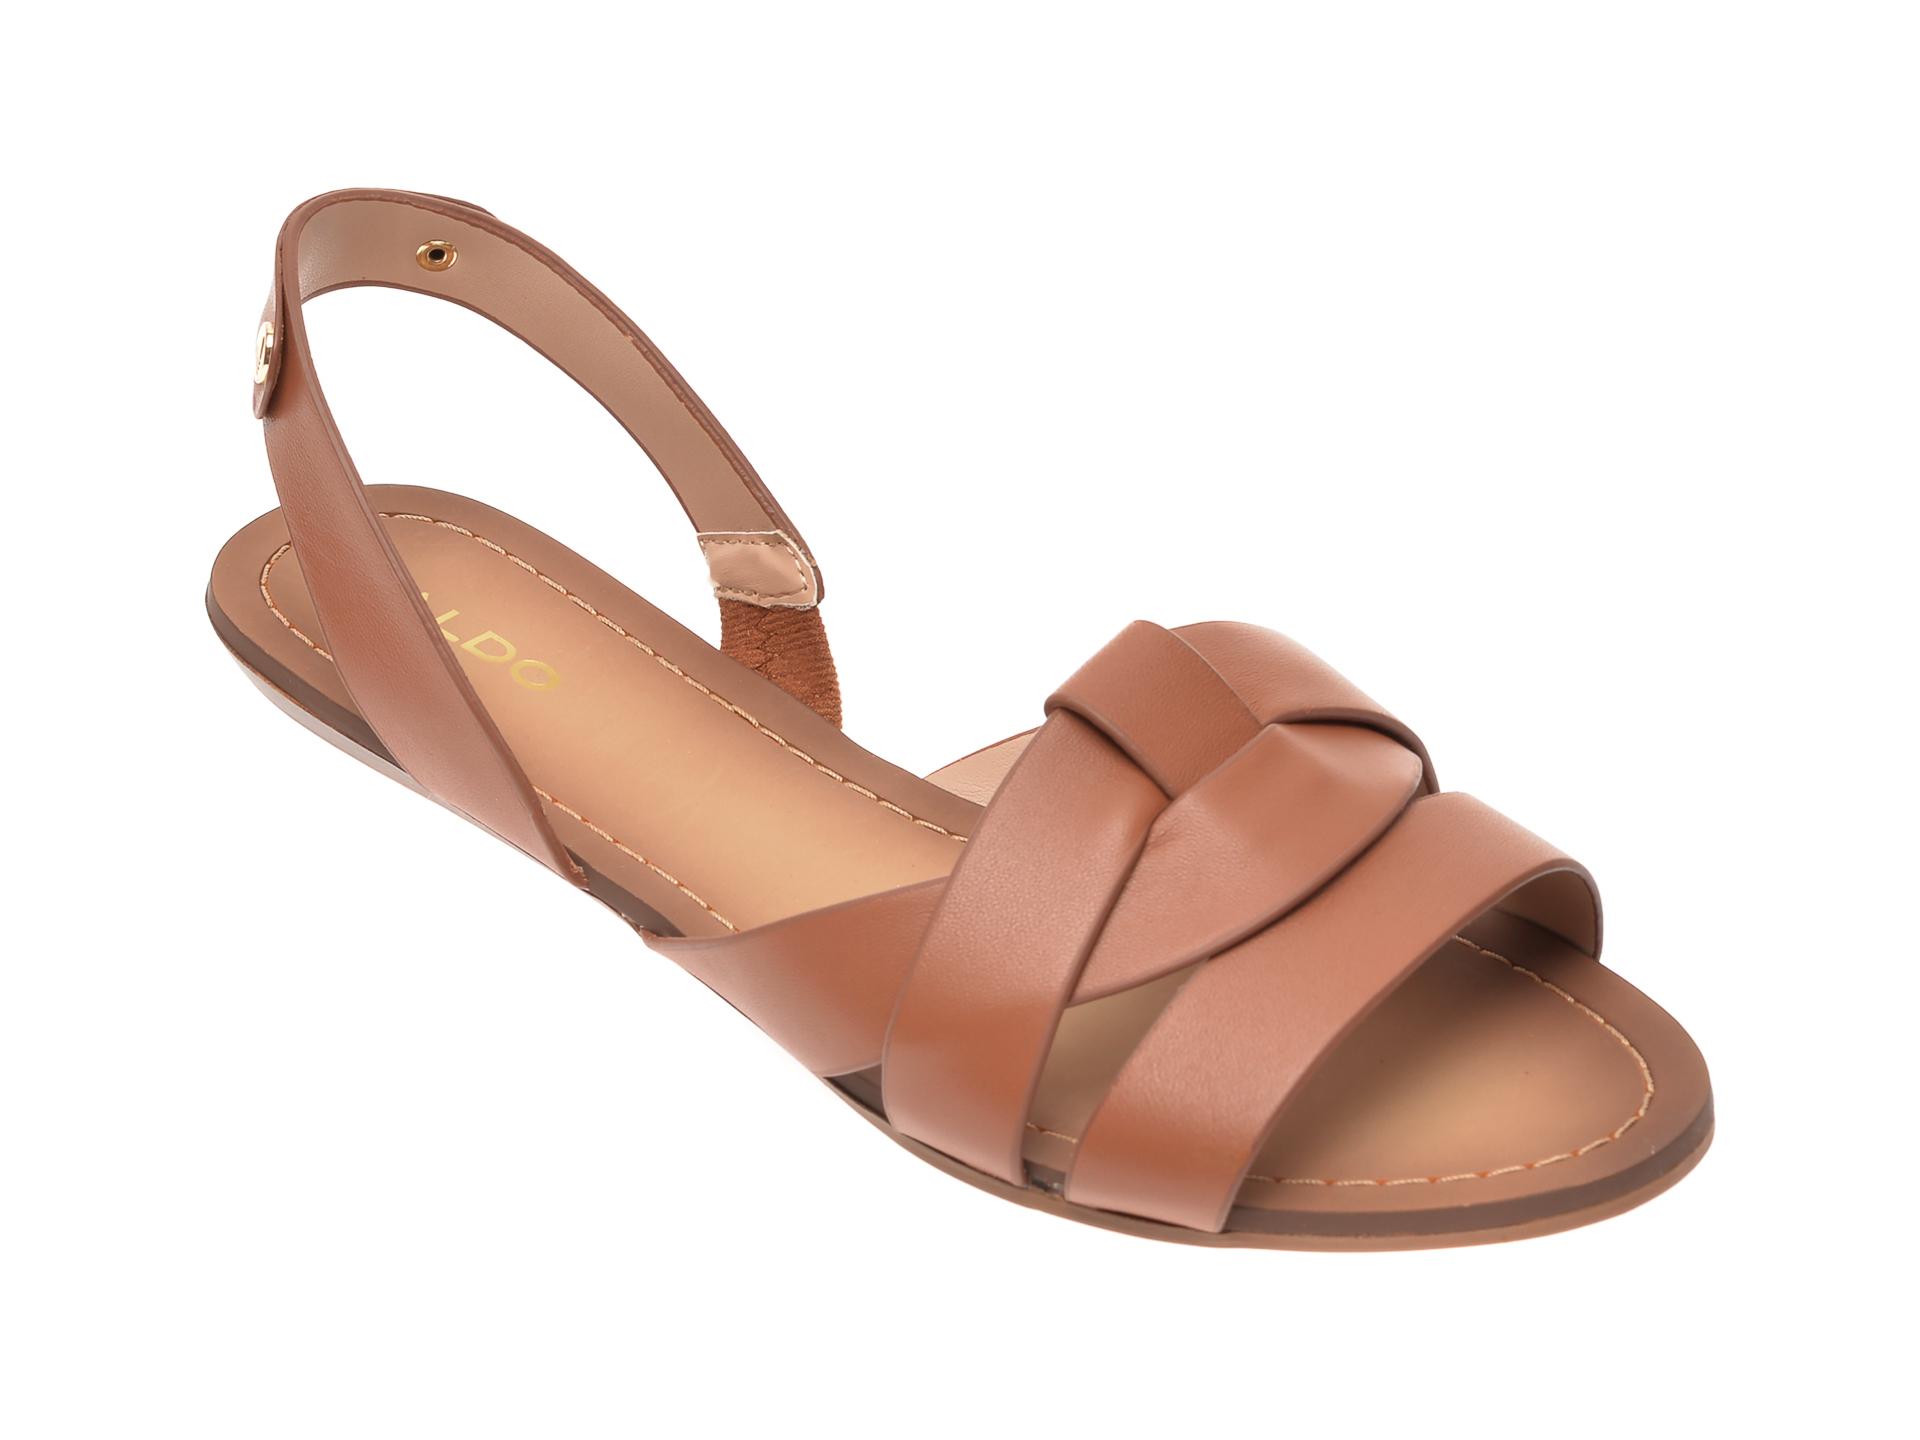 Sandale ALDO maro, Deladriewiel220, din piele naturala imagine otter.ro 2021